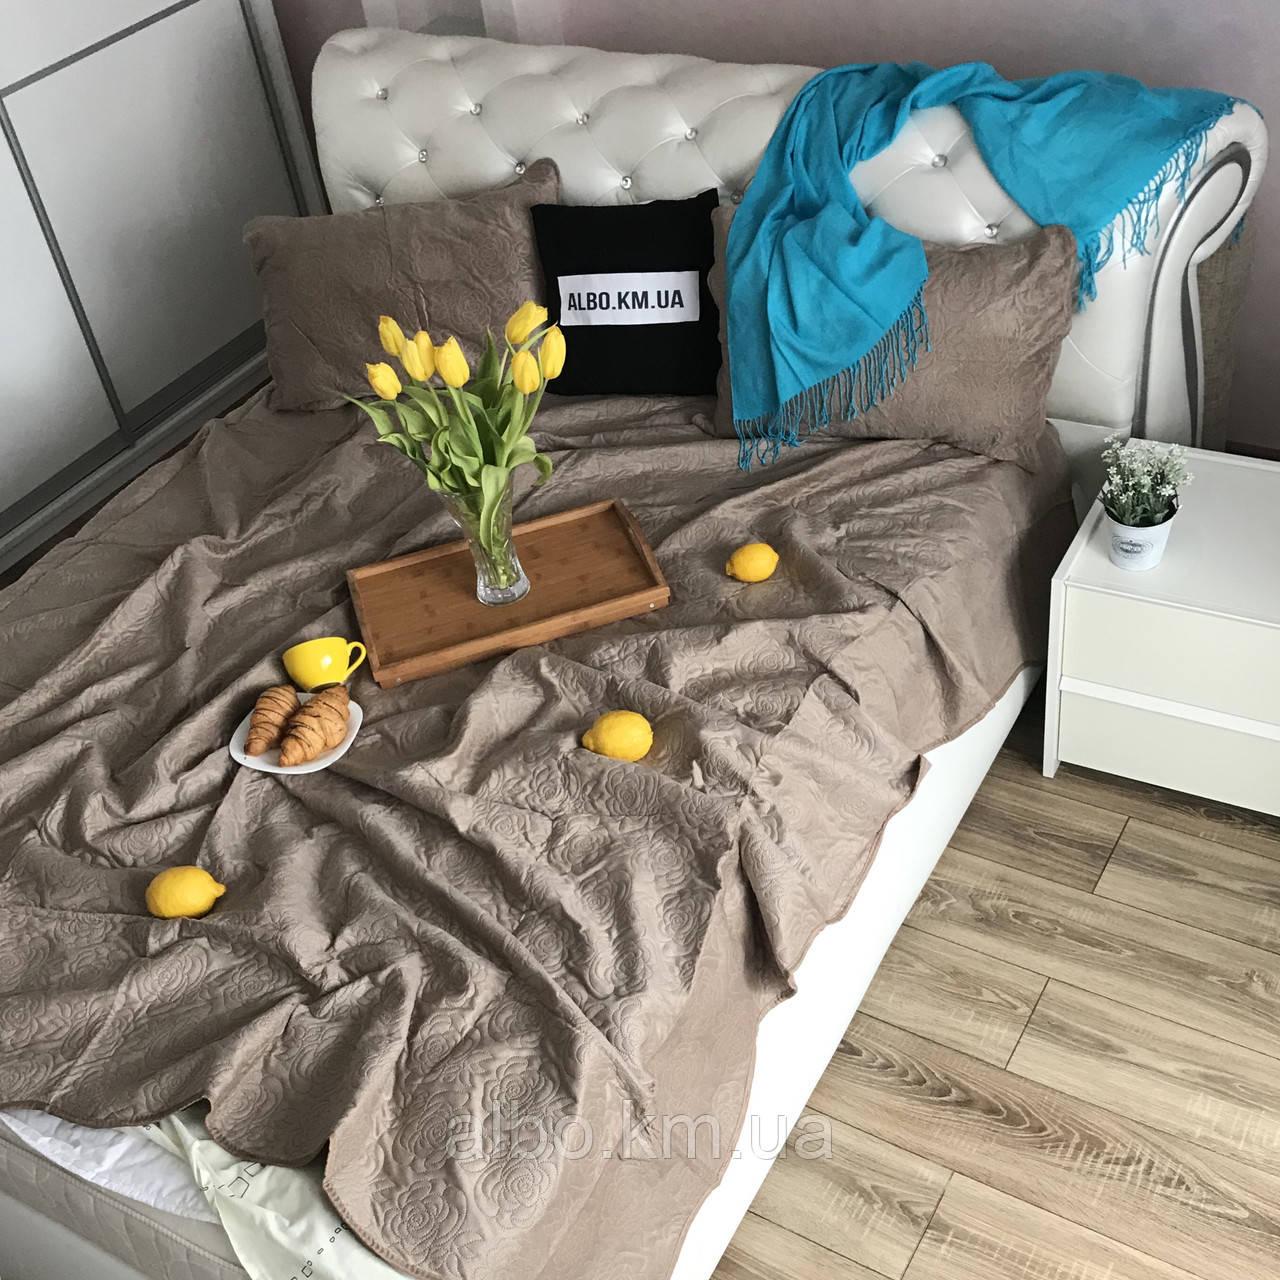 Покрывало велюровое на кровать